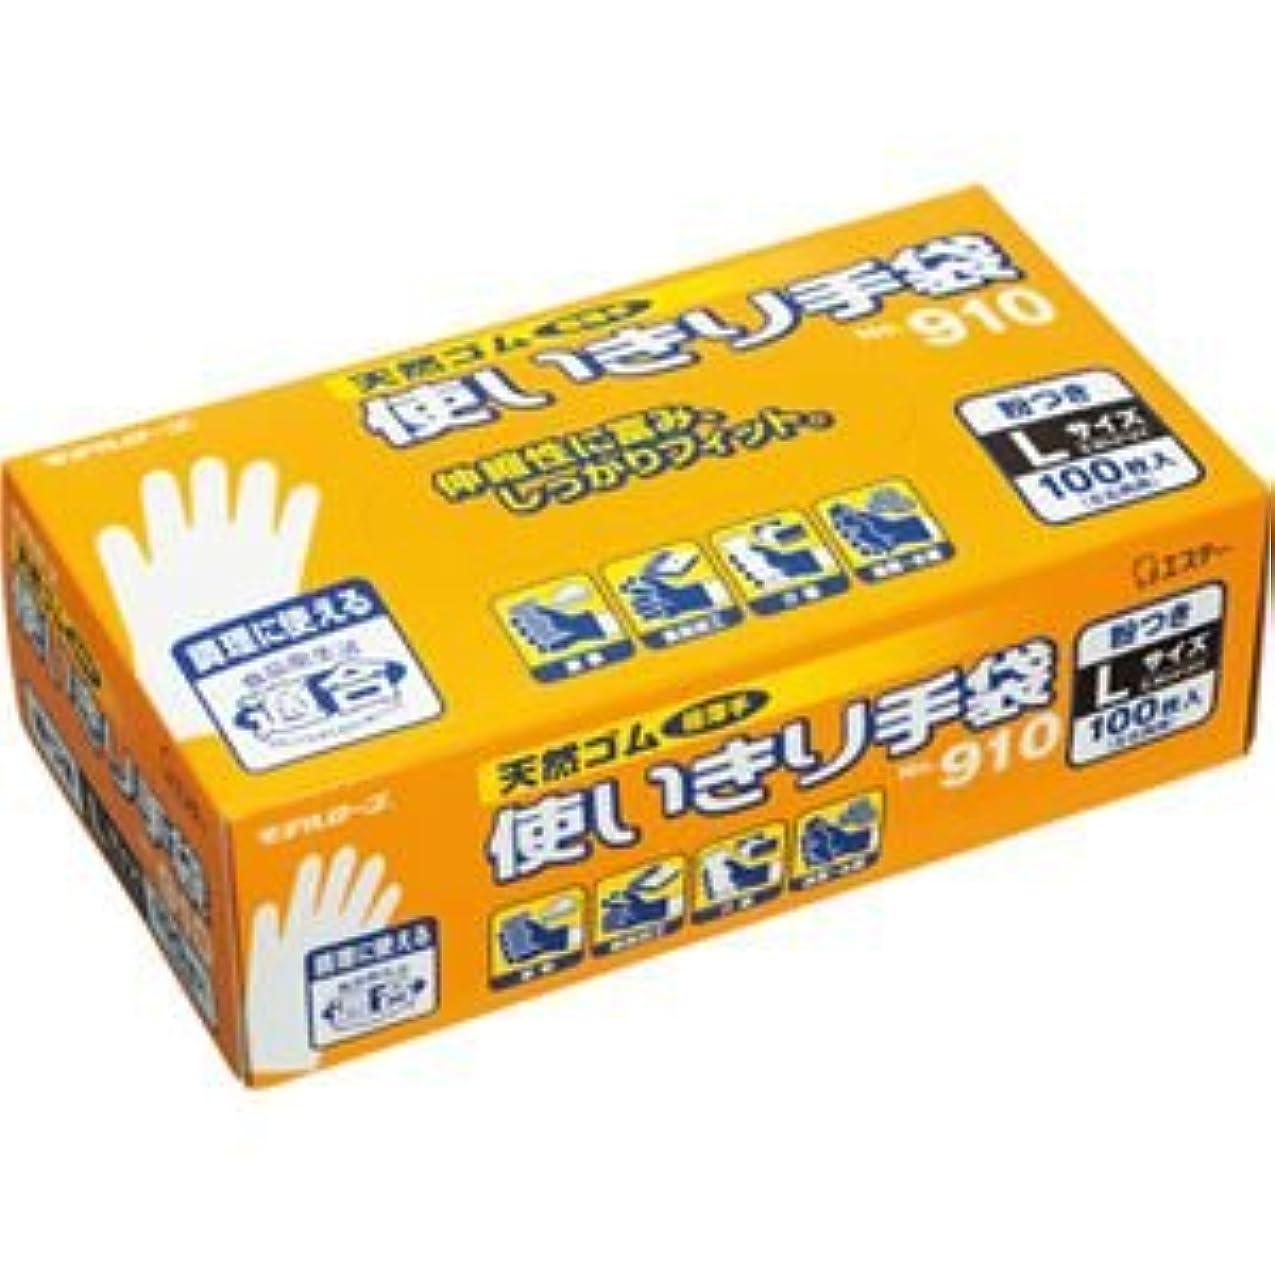 それからスツールアライアンス(まとめ) エステー No.910 天然ゴム使いきり手袋(粉付) L 1箱(100枚) 【×5セット】 [簡易パッケージ品]